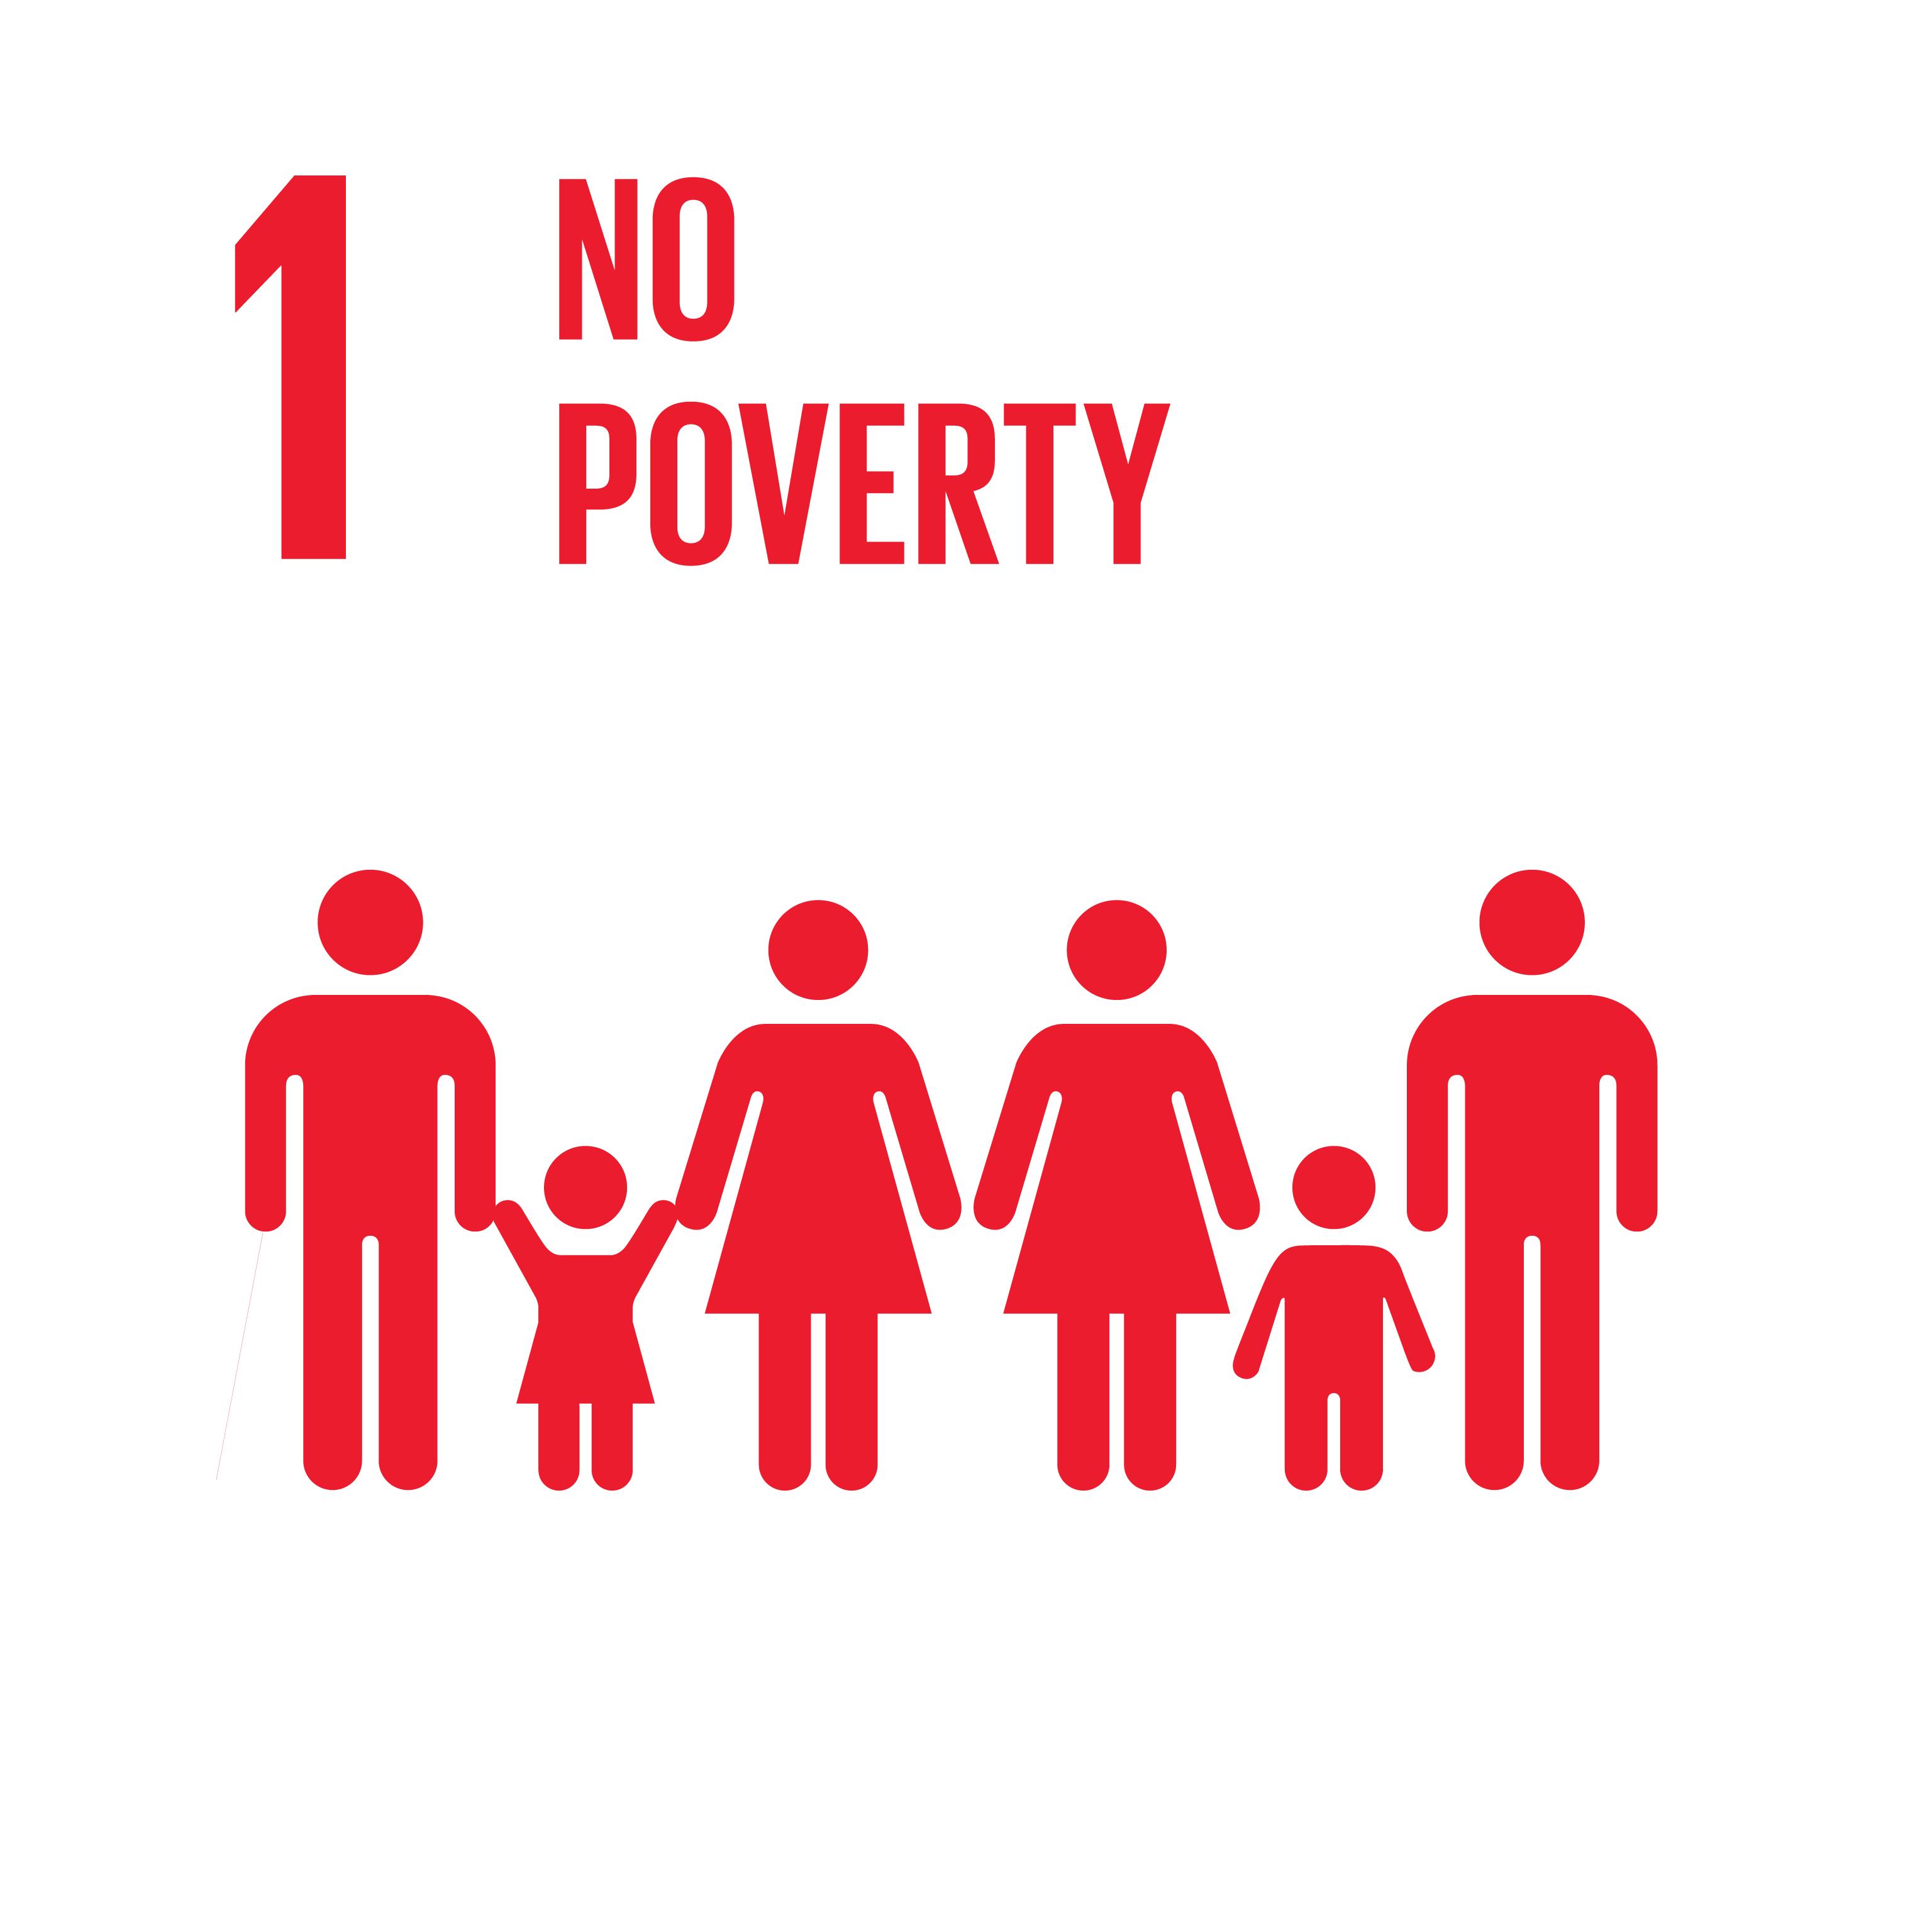 Image SDG 1; © UN